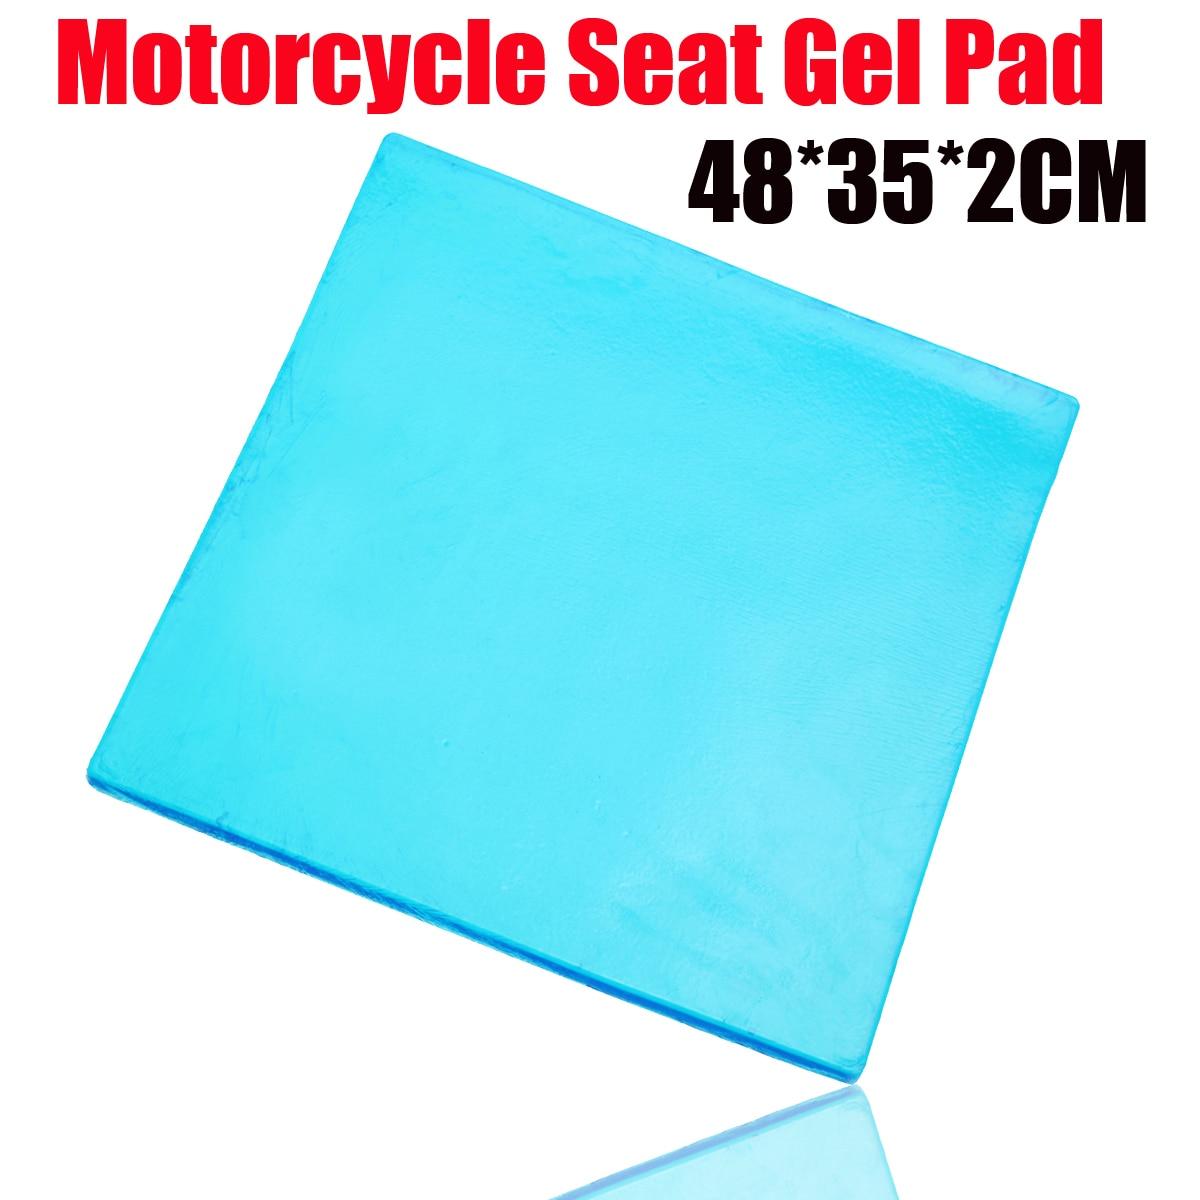 وسادة جل سيليكون معدلة ، افعلها بنفسك ، سمك 2 سنتيمتر ، وسادة مقعد دراجة نارية ، حصيرة مريحة لامتصاص الصدمات ، 48 × 35 سم ، جديد